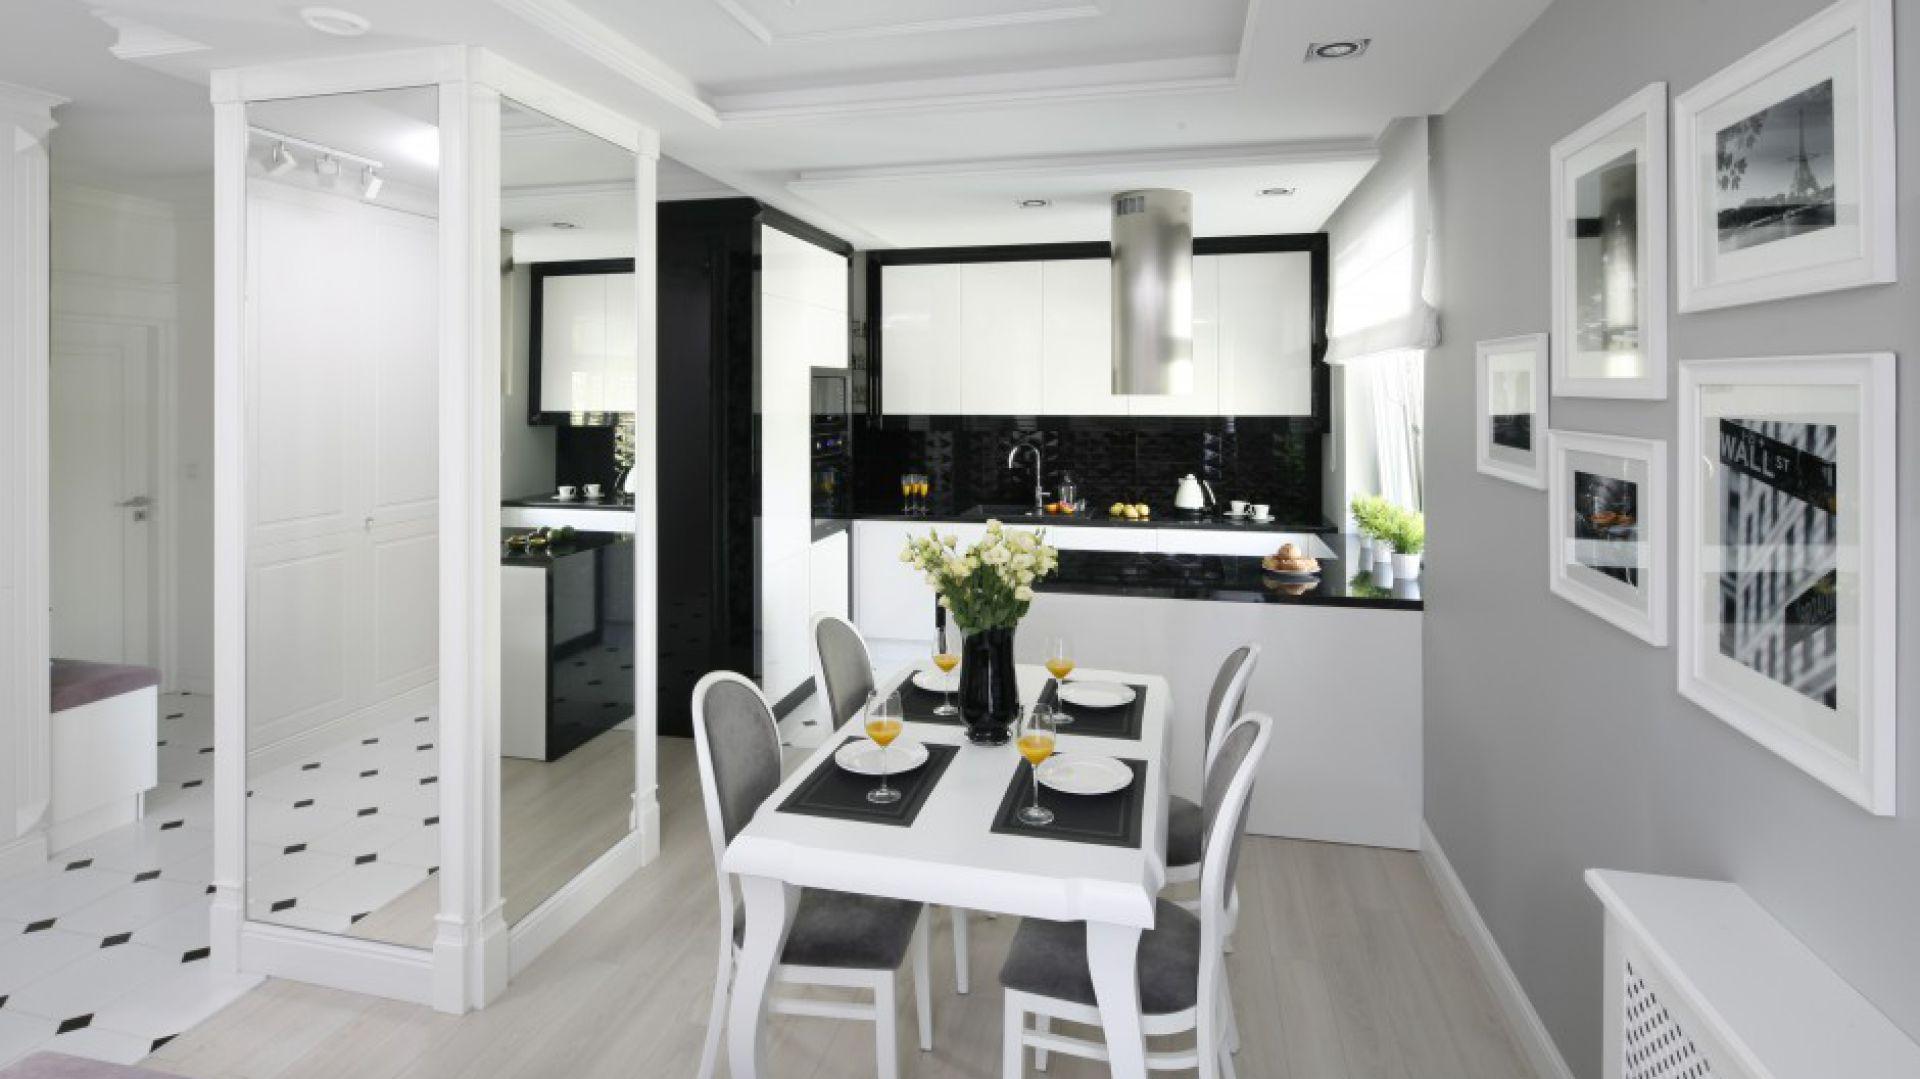 Kuchnia w stylu glamour. Projekt: Katarzyna Mikulska-Sękalska. Fot. Bartosz Jarosz